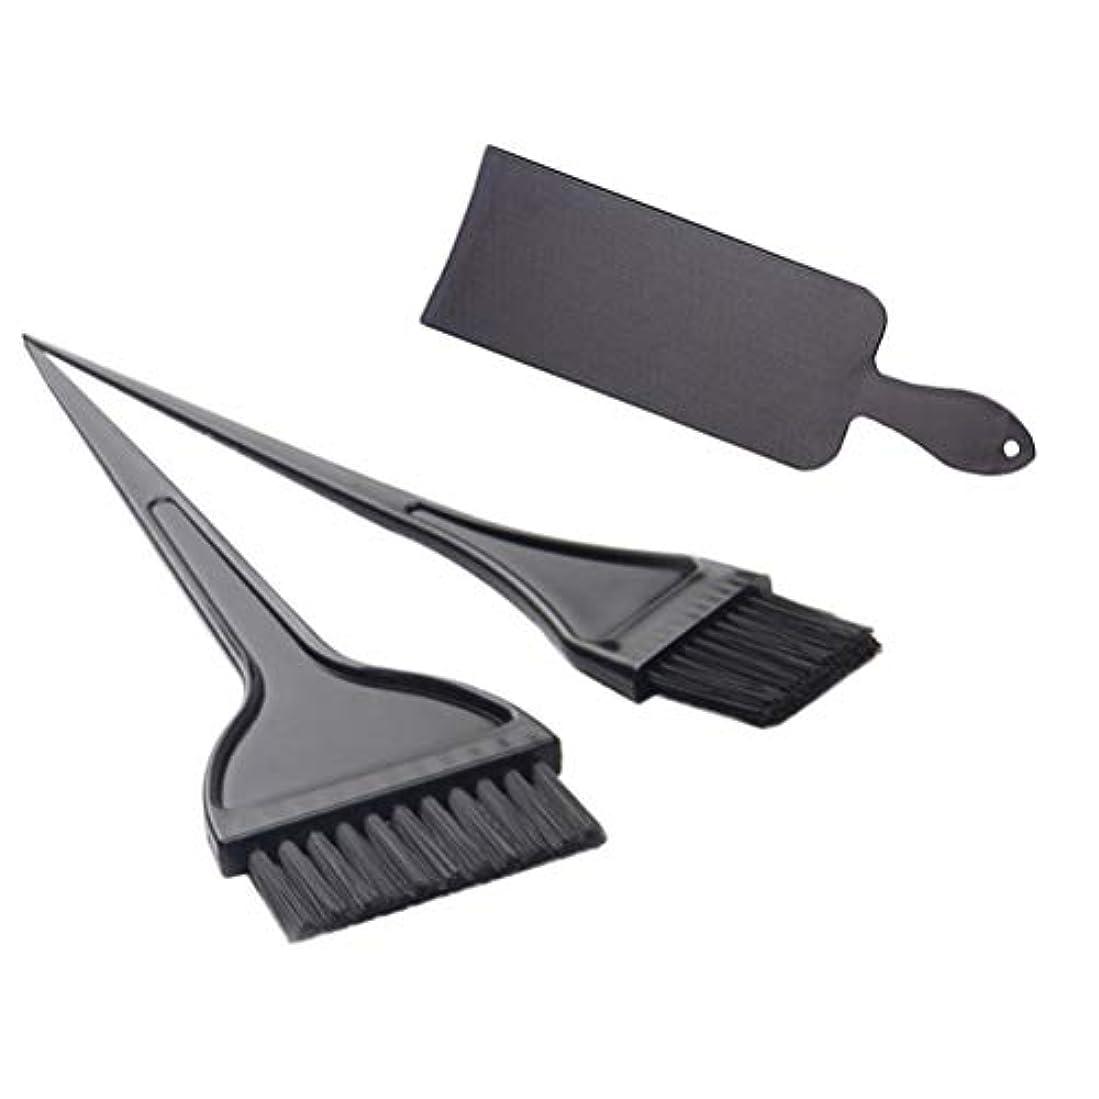 シンプトンデコレーション要件Healiftyヘア染色ブラシプレートプロフェッショナルカラーリングアプリケータツールキットヘアブリーチティンティングブラシツール3ピース